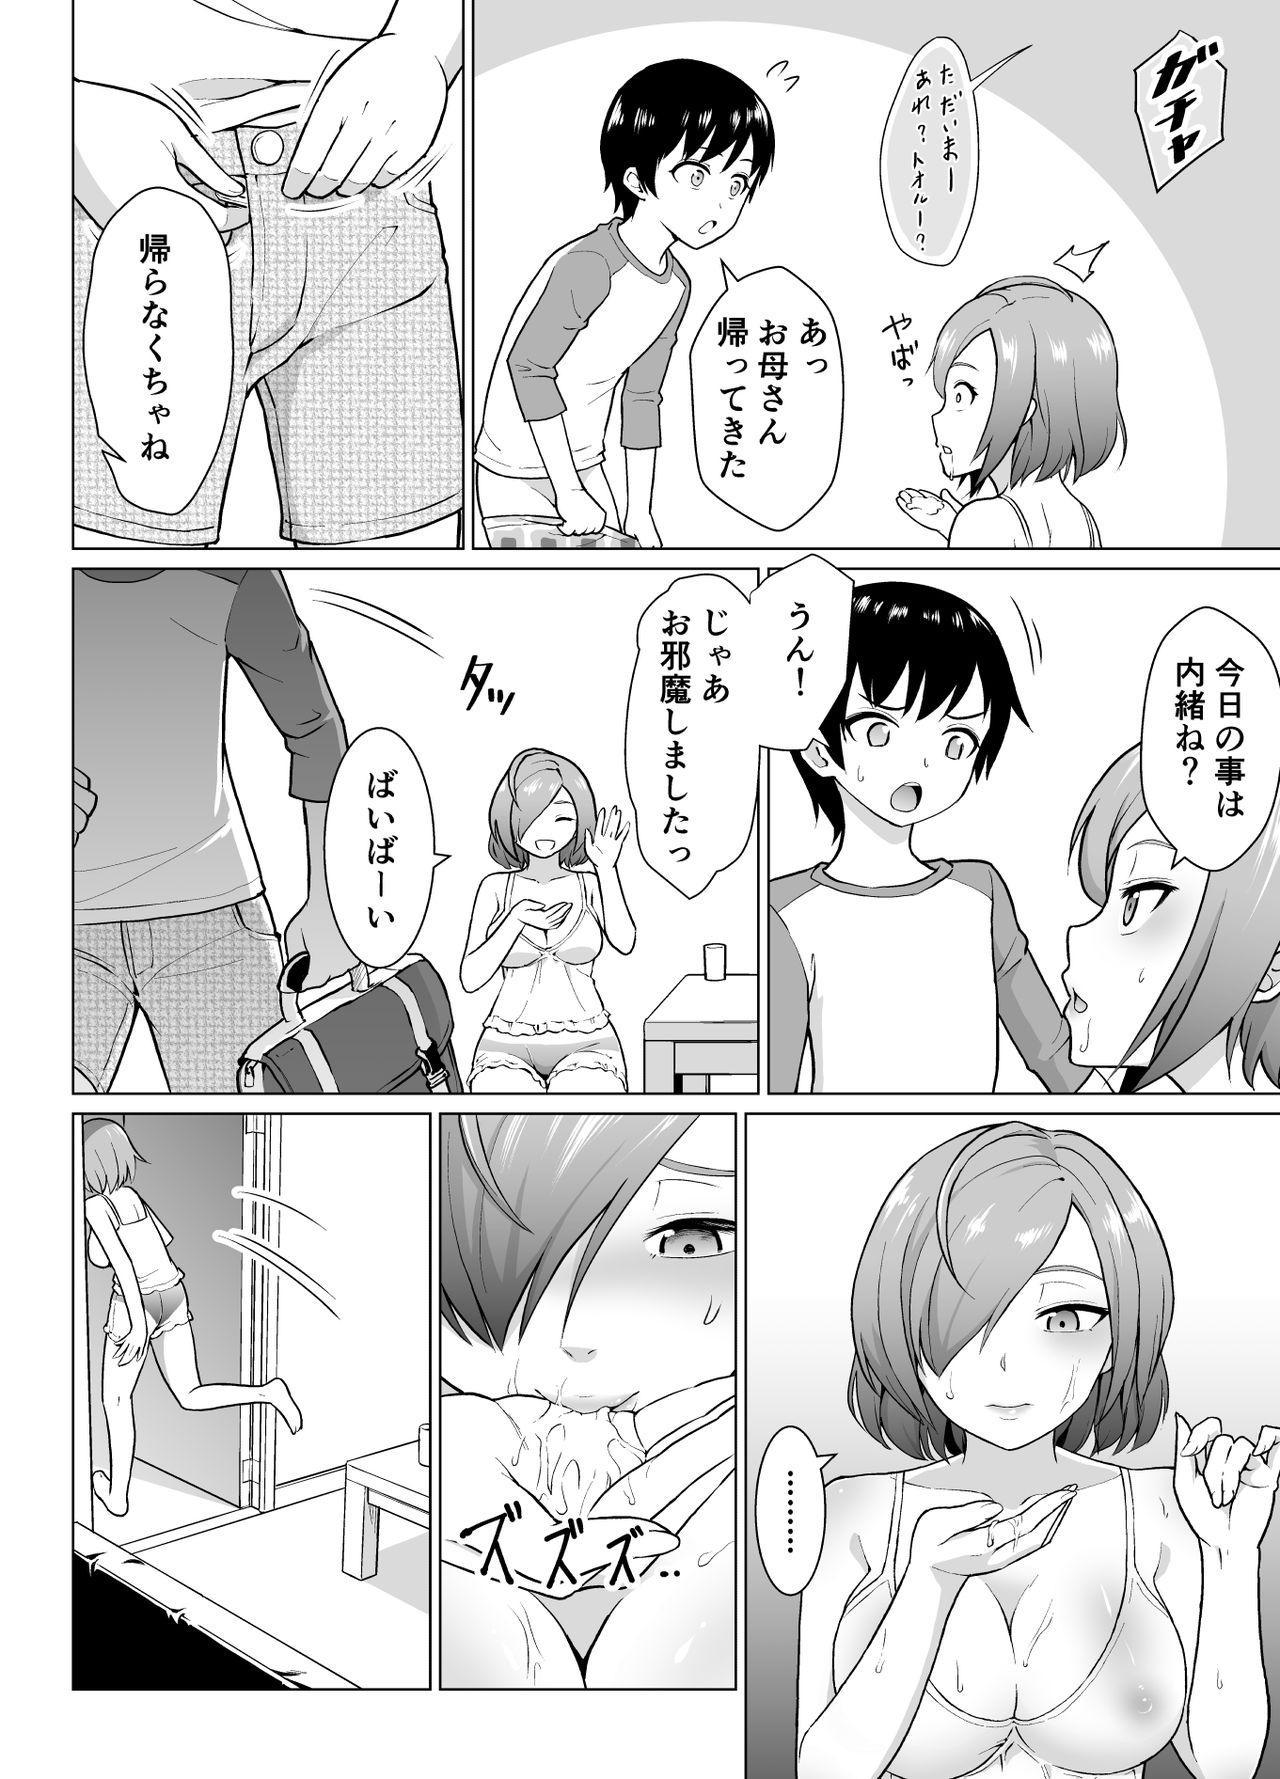 Boku to Tonari no Shojo Onee-san 10